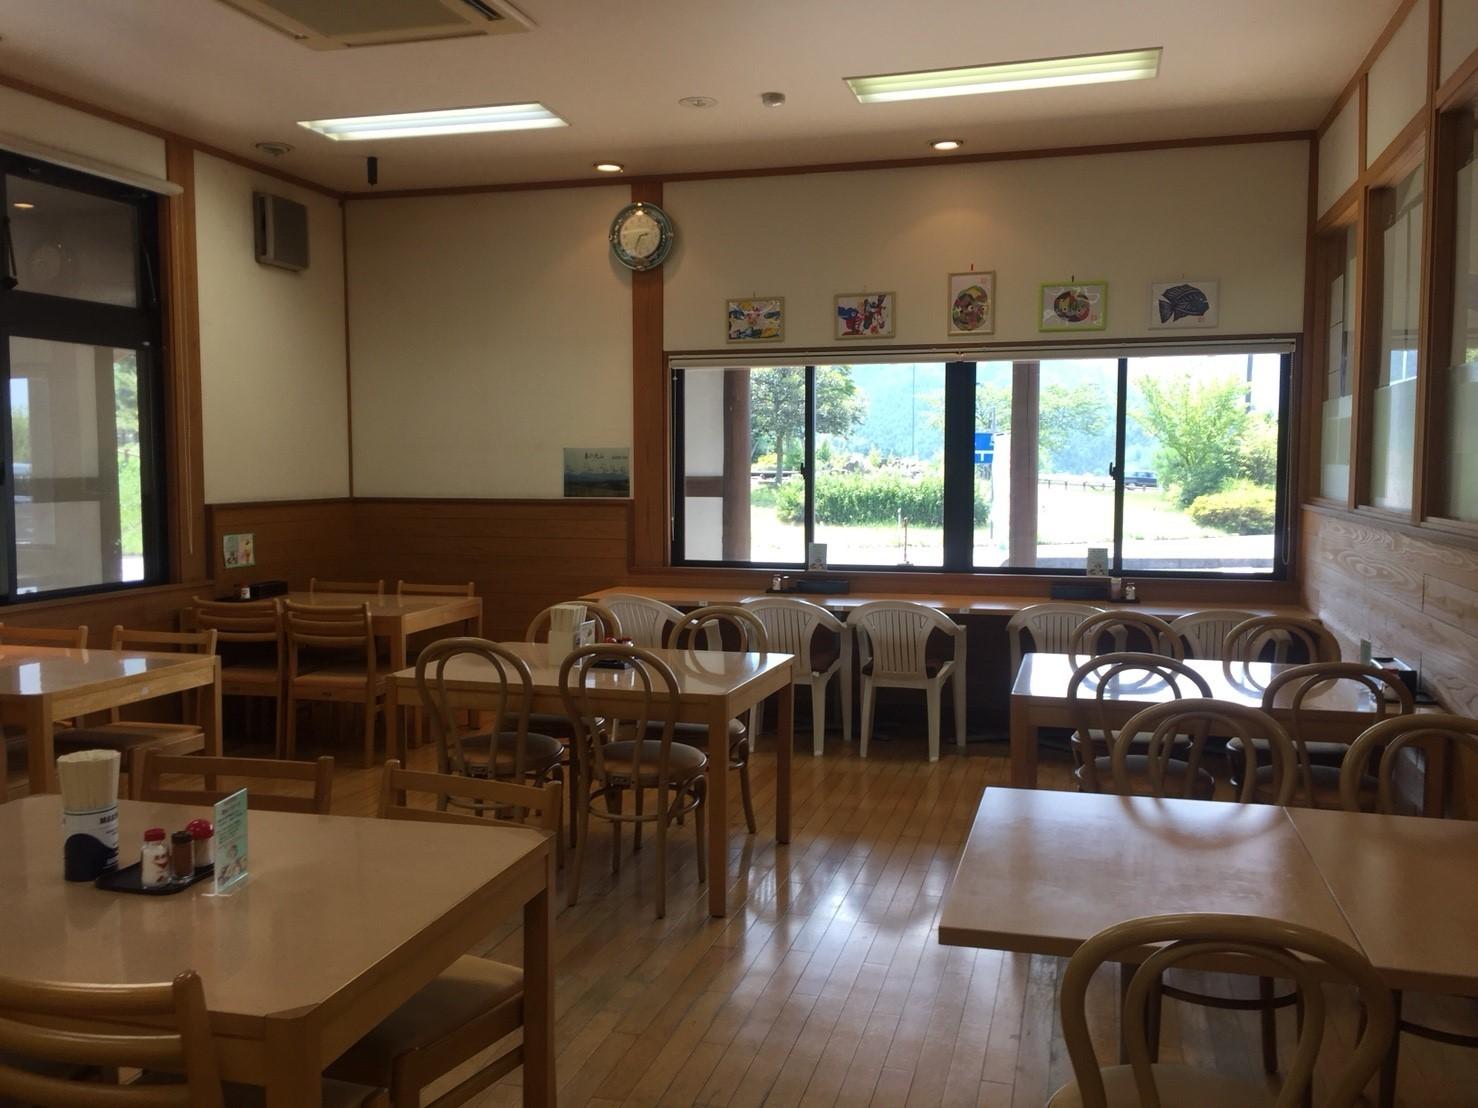 関金の道の駅 犬挟  内に併設されてる犬挟食堂_e0115904_14584142.jpg